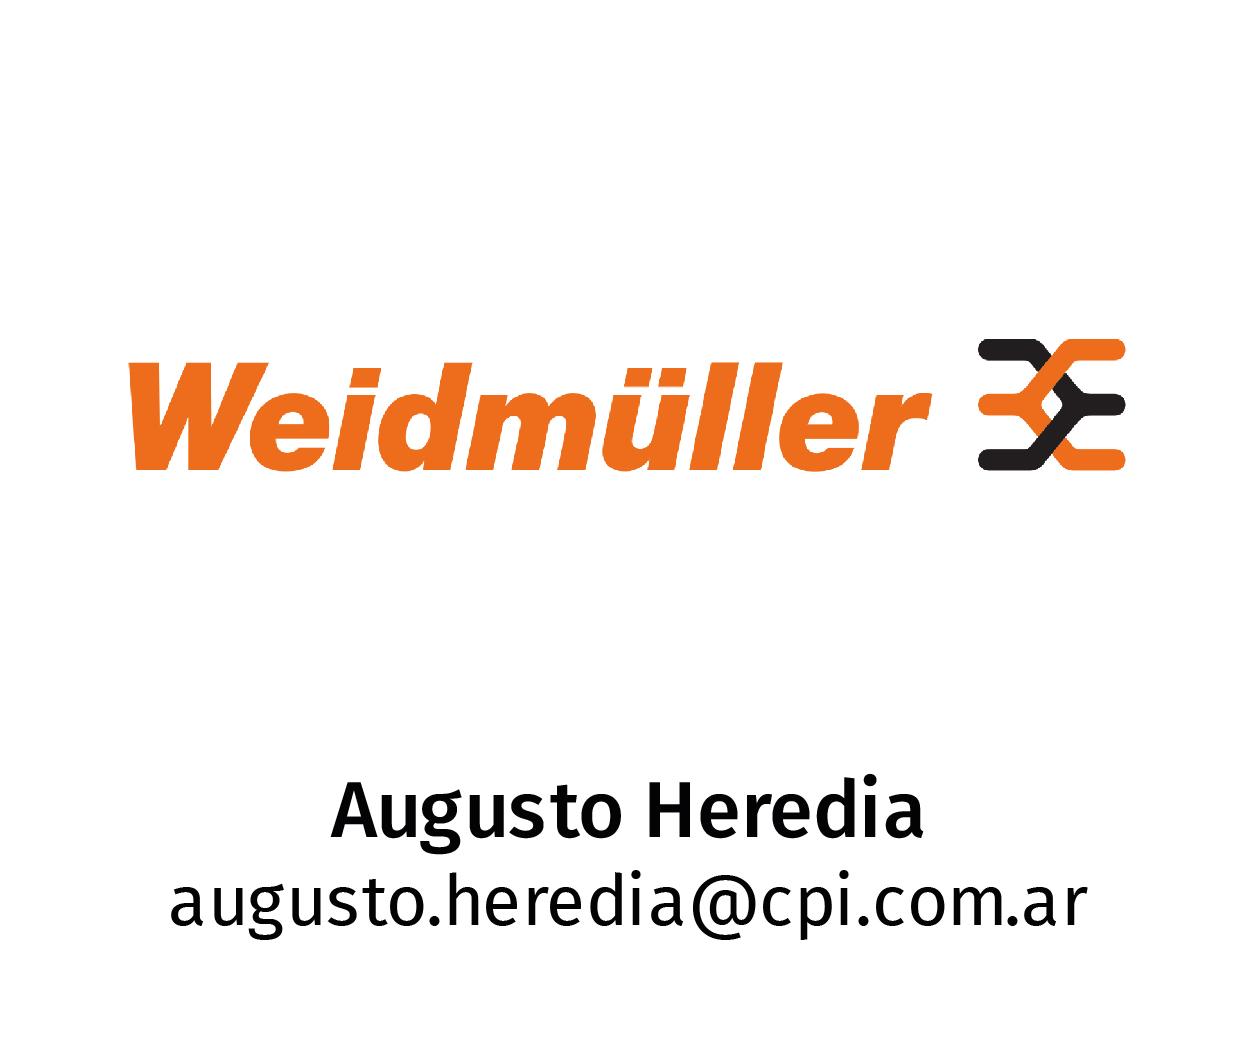 http://profibus.com.ar/wp-content/uploads/2017/03/logos_datos_sponsor-22.jpg